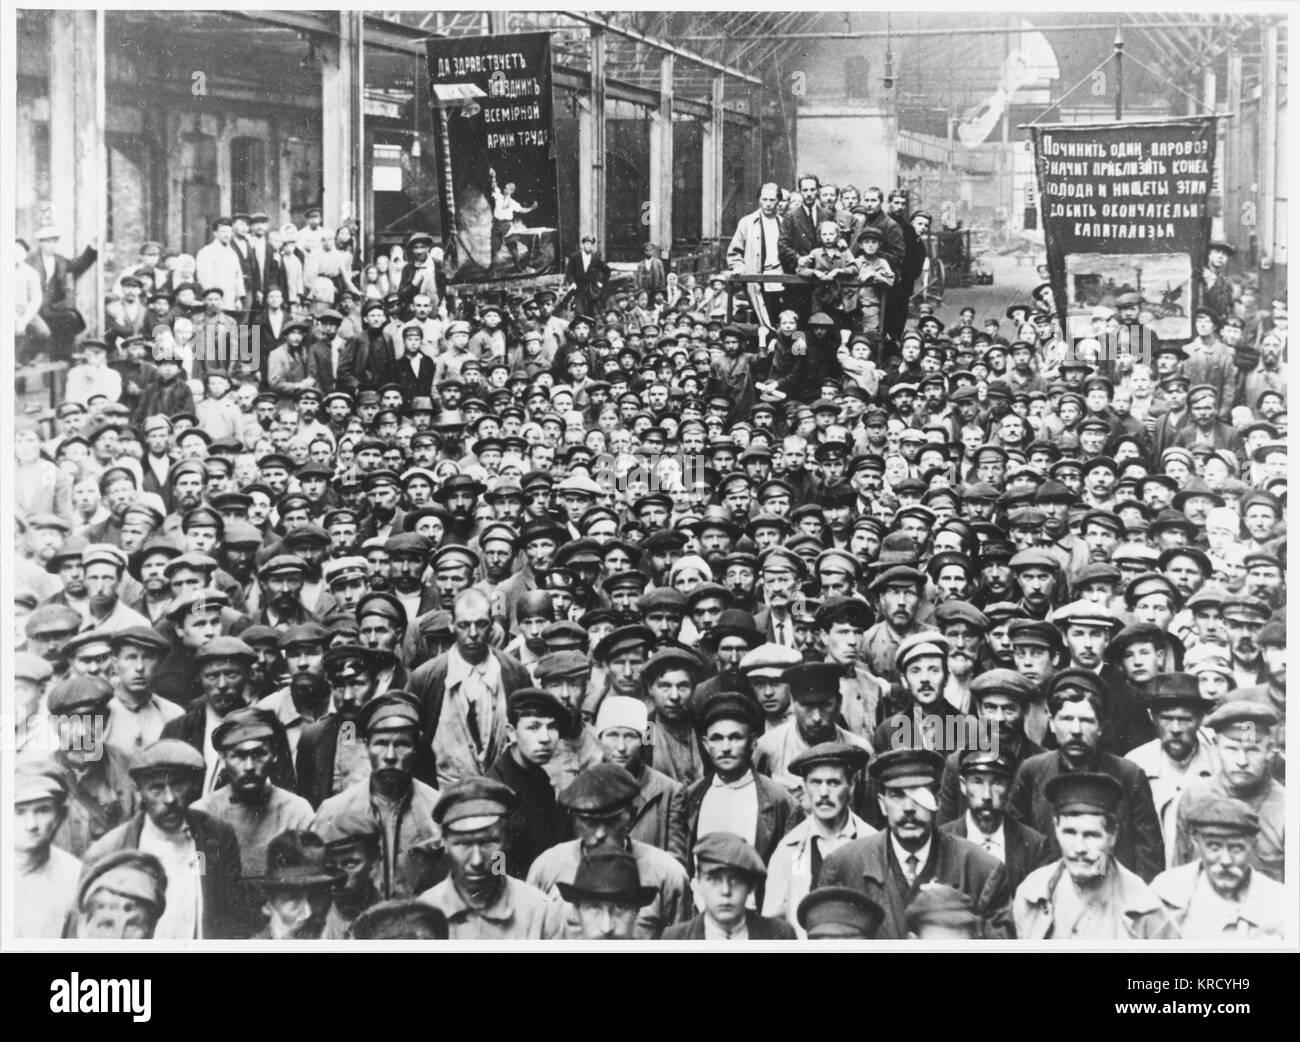 Lavoratori presso la fabbrica di Putilov, che ha giocato un ruolo cruciale nella bolscevichi' sequestro di potenza, Immagini Stock